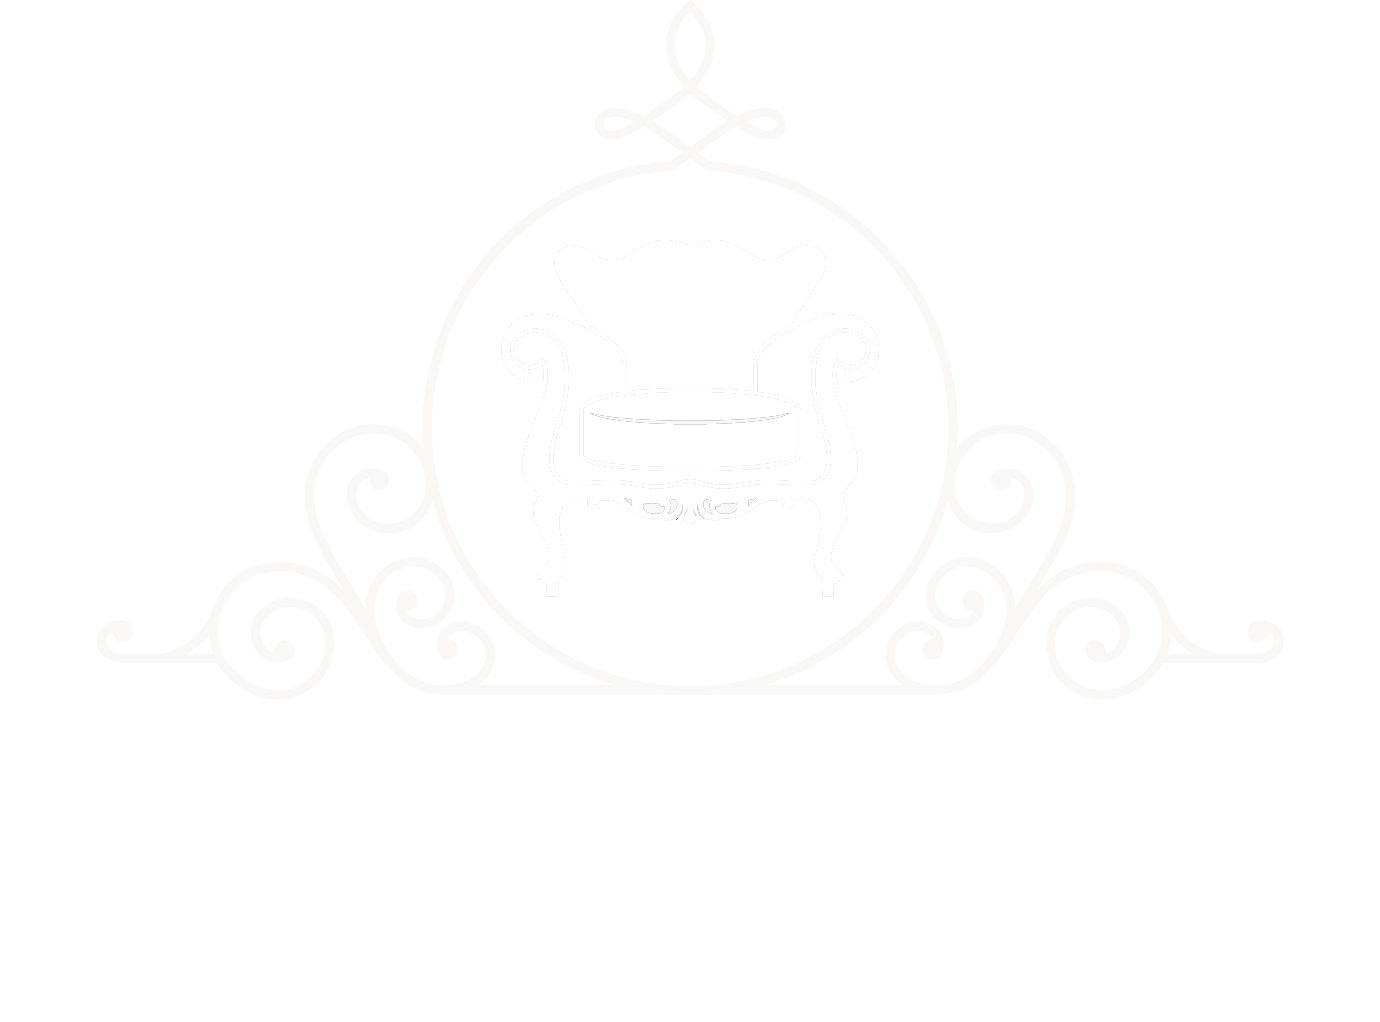 Έπιπλο Λουρετζή - Η ιστοσελίδα βρίσκεται υπό κατασκευή